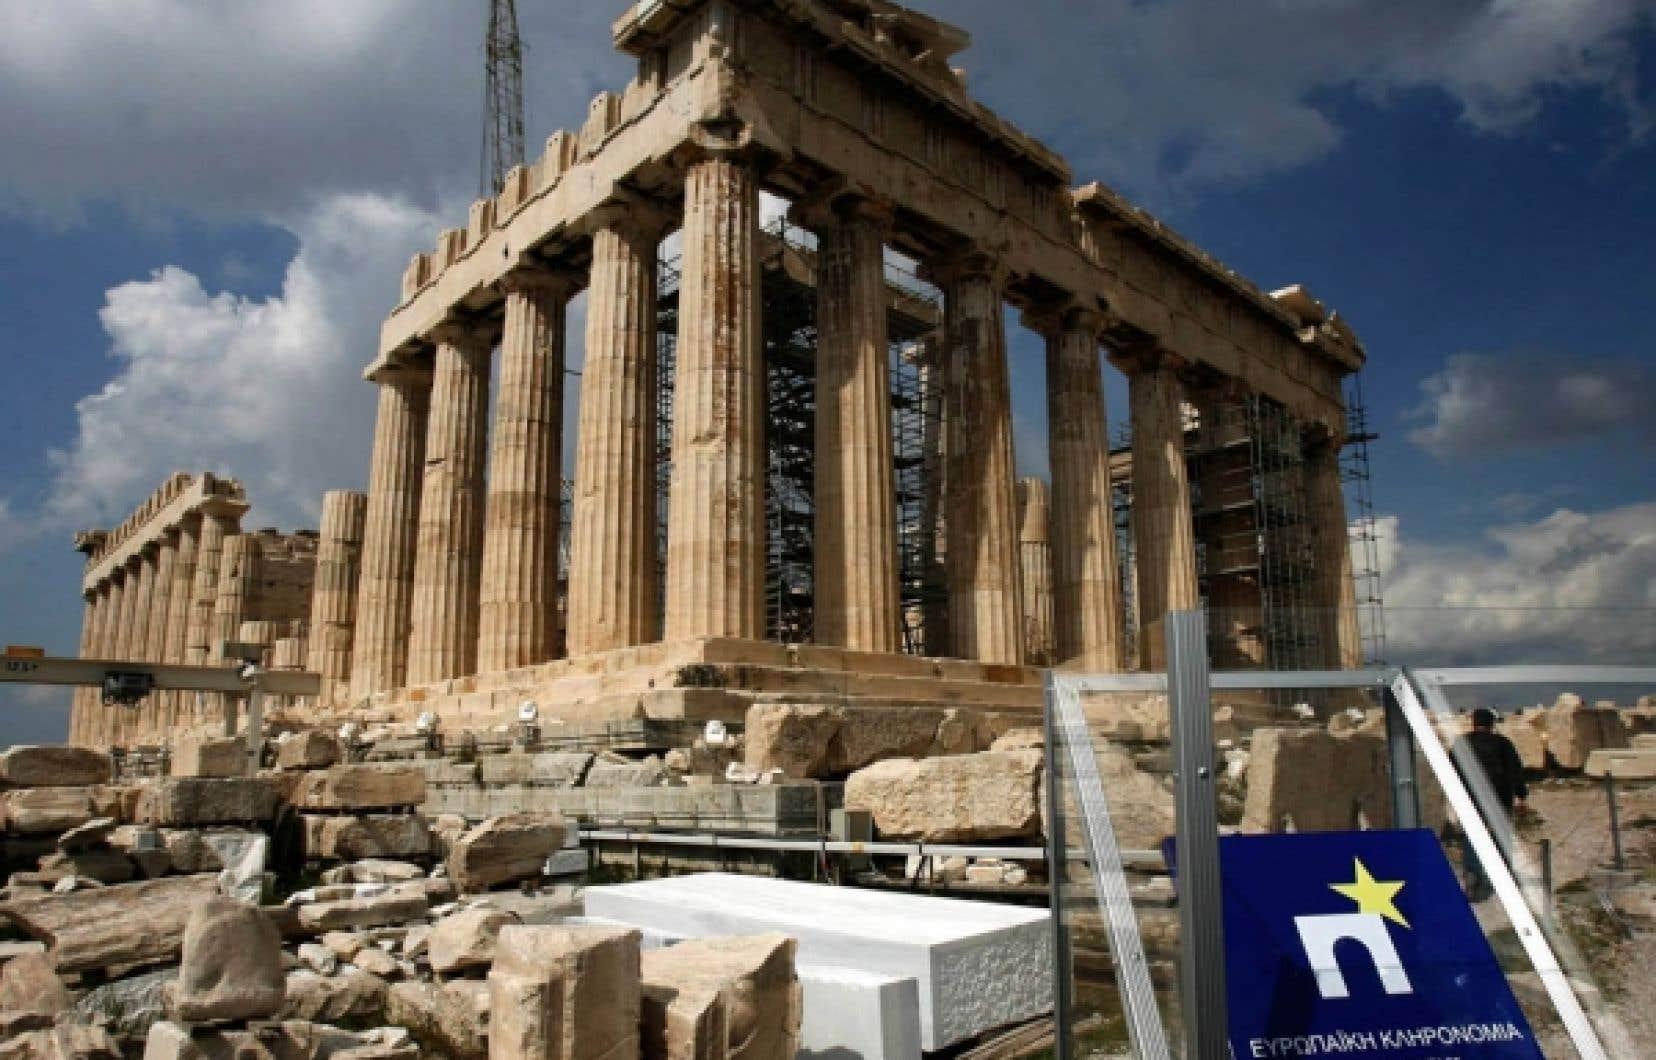 Le gouvernement socialiste grec, qui obtiendra aujourd'hui la réponse de la Commission européenne, promet de ramener le déficit de l'État à 12,7 % du produit intérieur brut en 2009, à 8,7 % cette année, puis sous la limite de 3 % normalement autorisée par les règles européennes au plus tard en 2012.